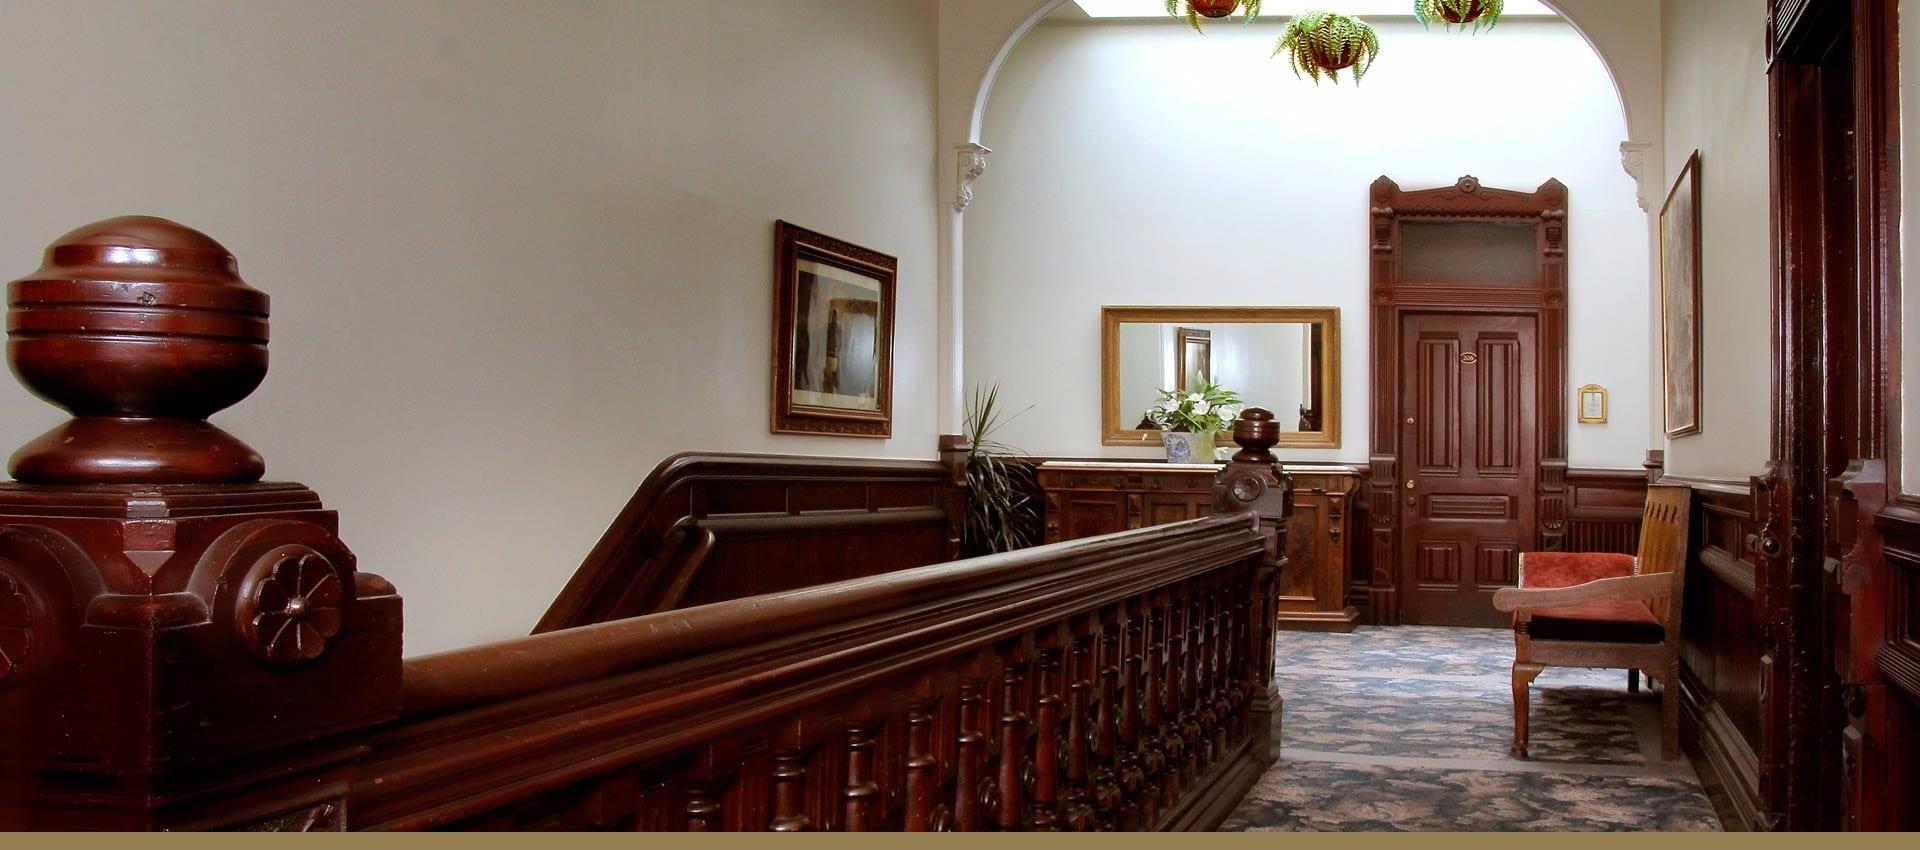 Victorian Village Inn upstairs foyer